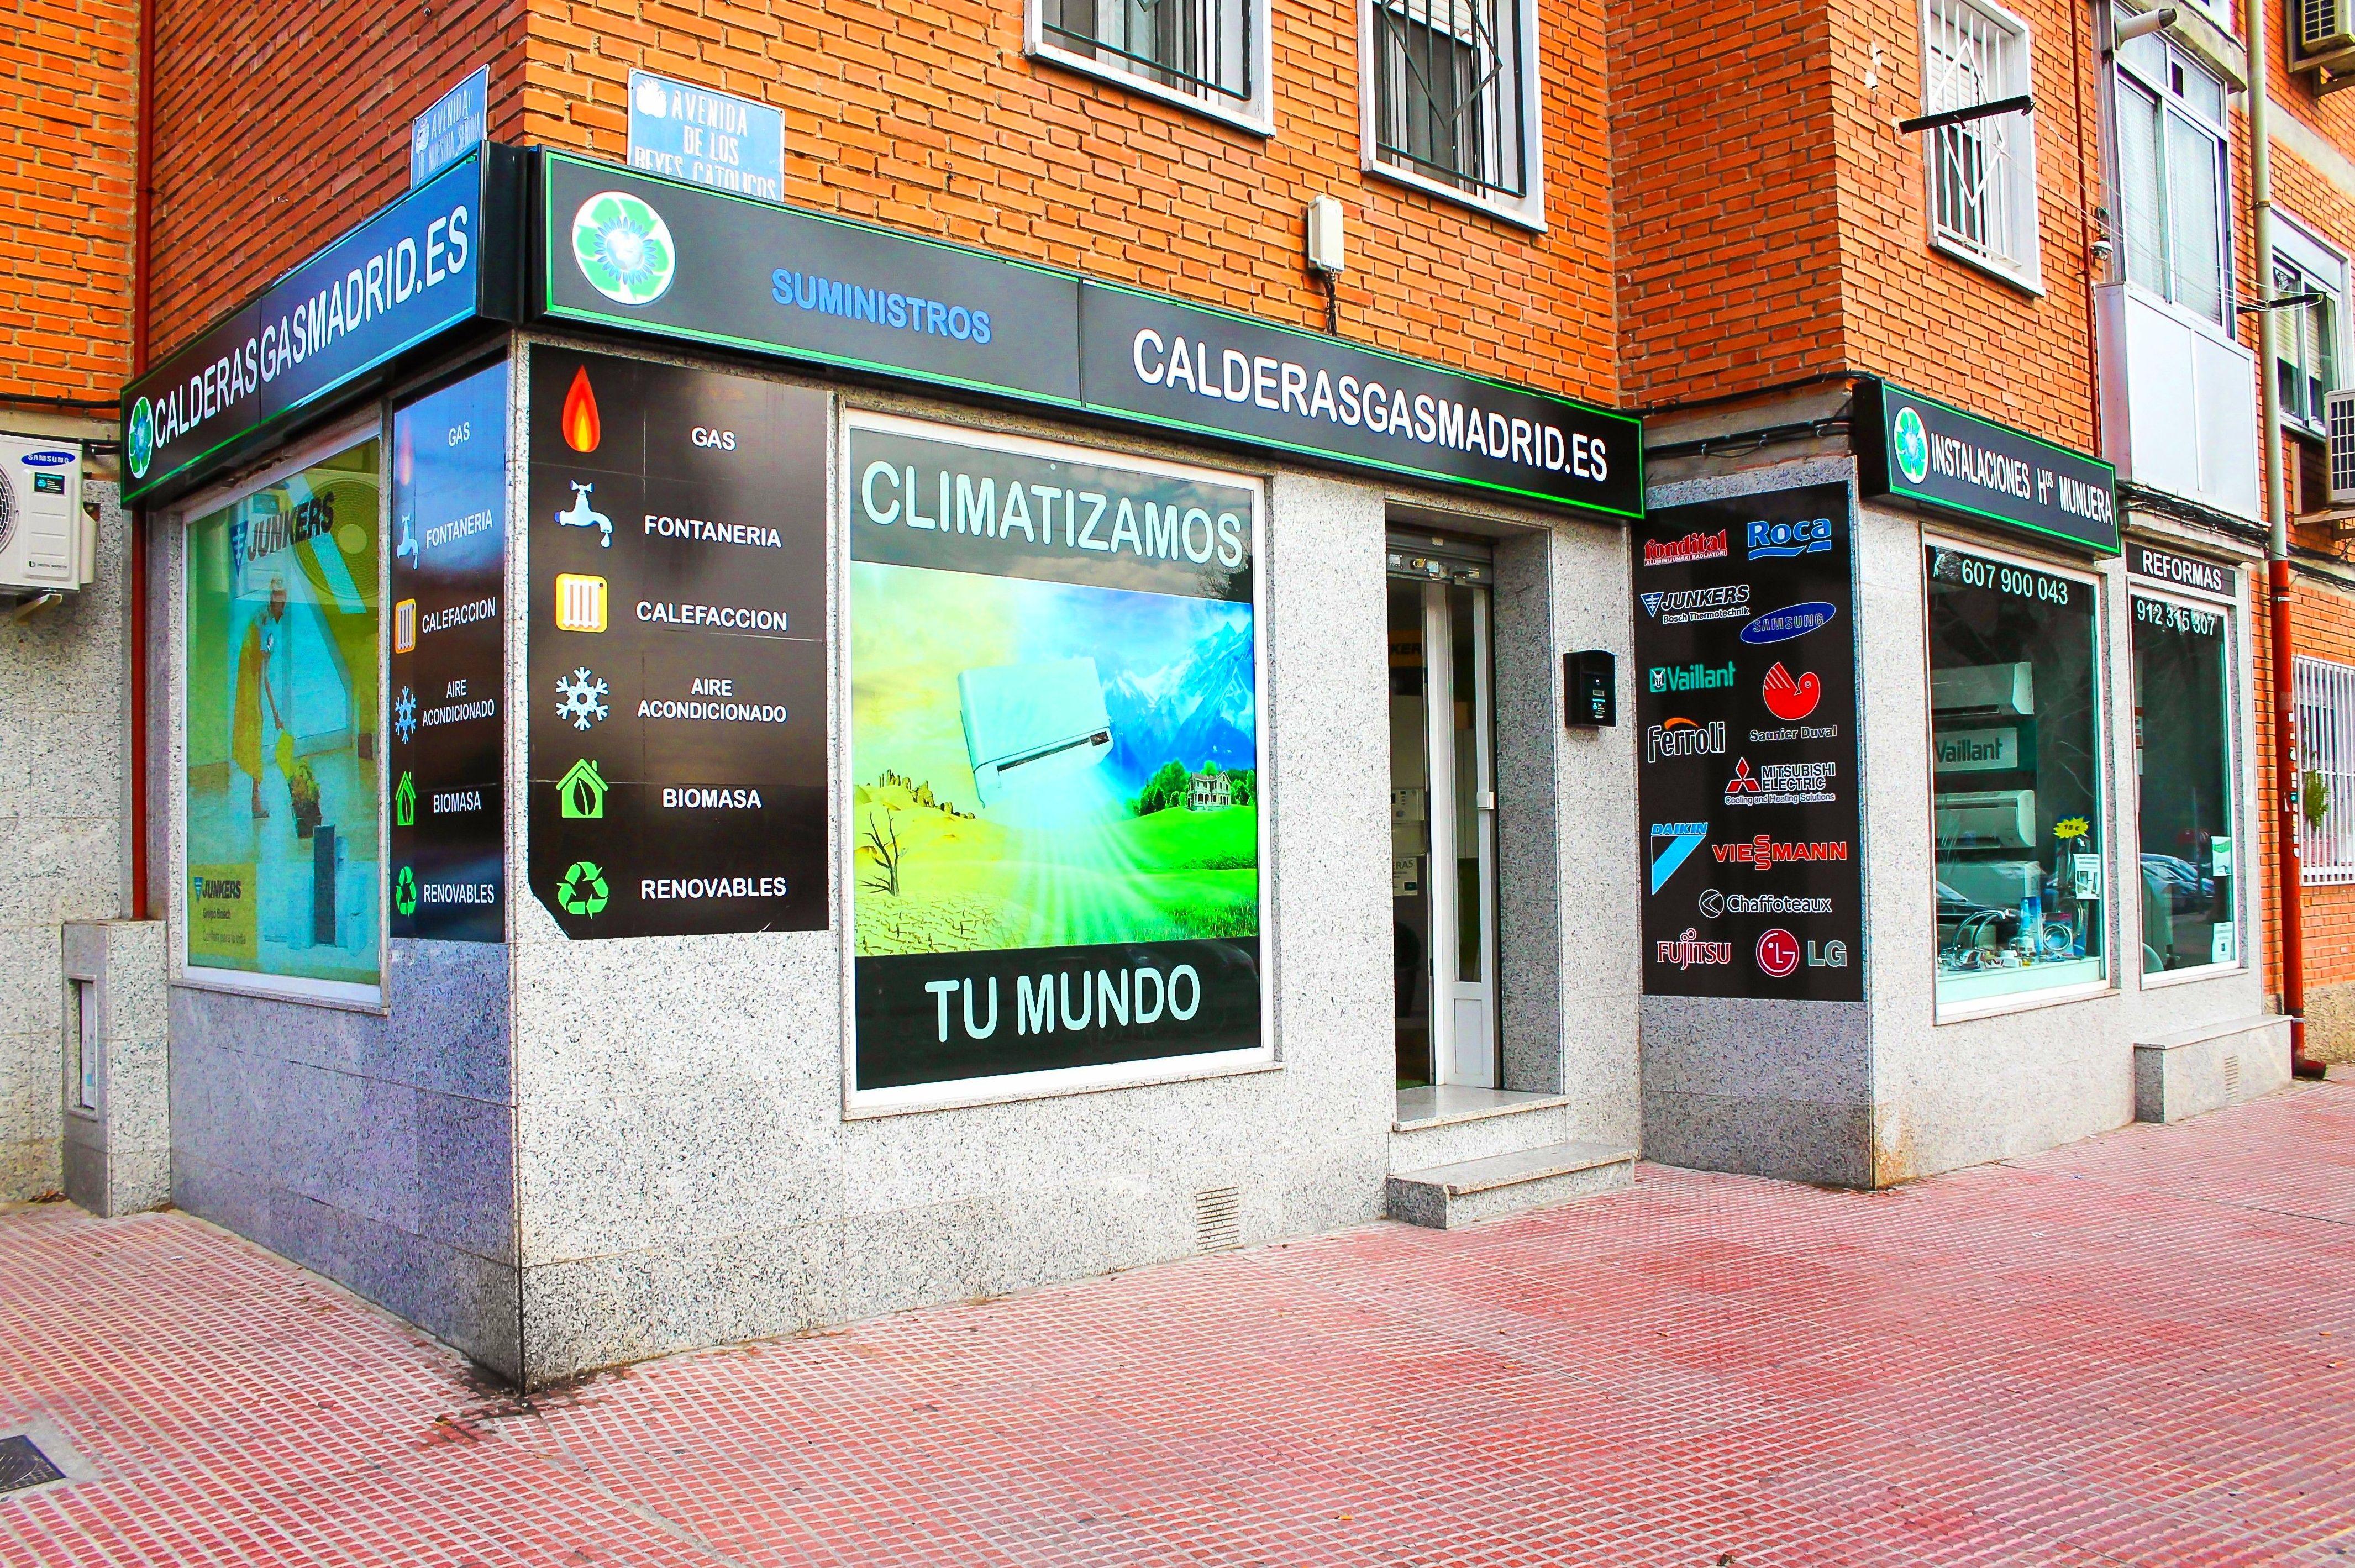 VENTA Y INSTALACION DE AIRE ACONDICIONADO EN ALCALA DE HENARES